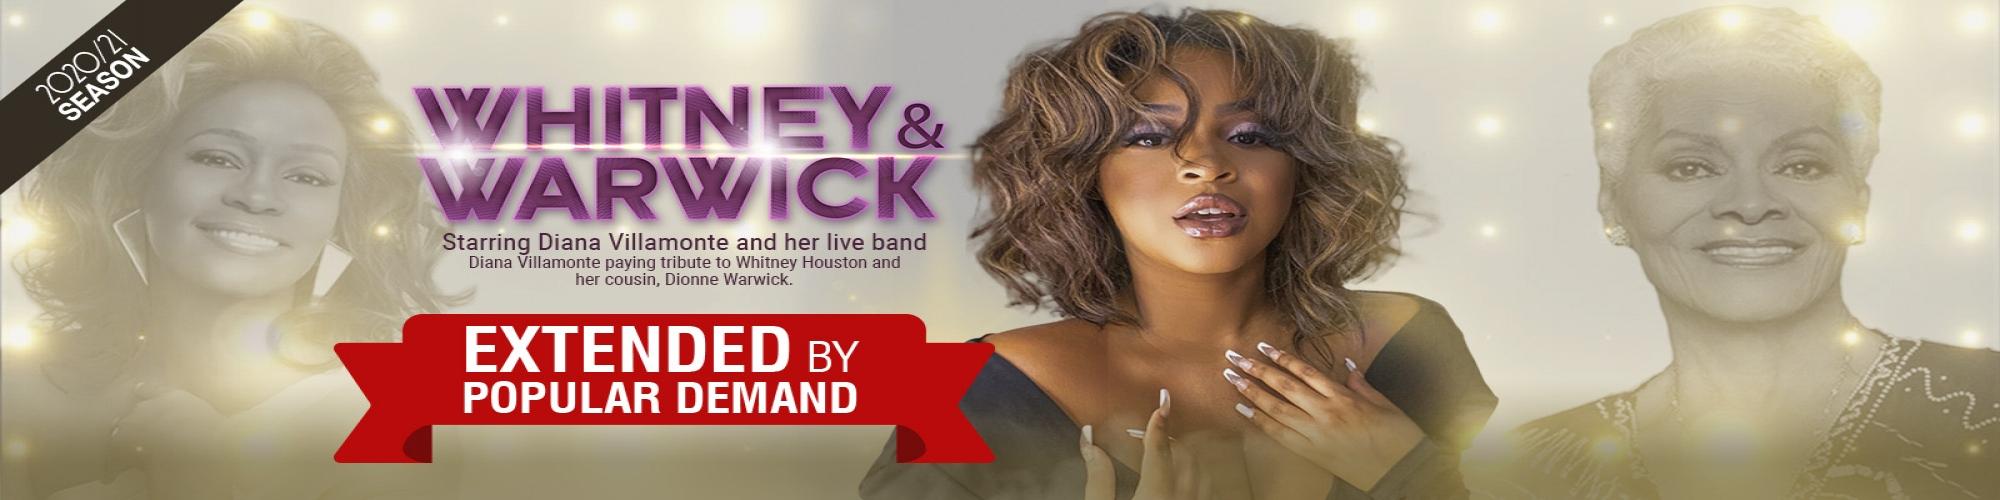 Whitney&Warwick